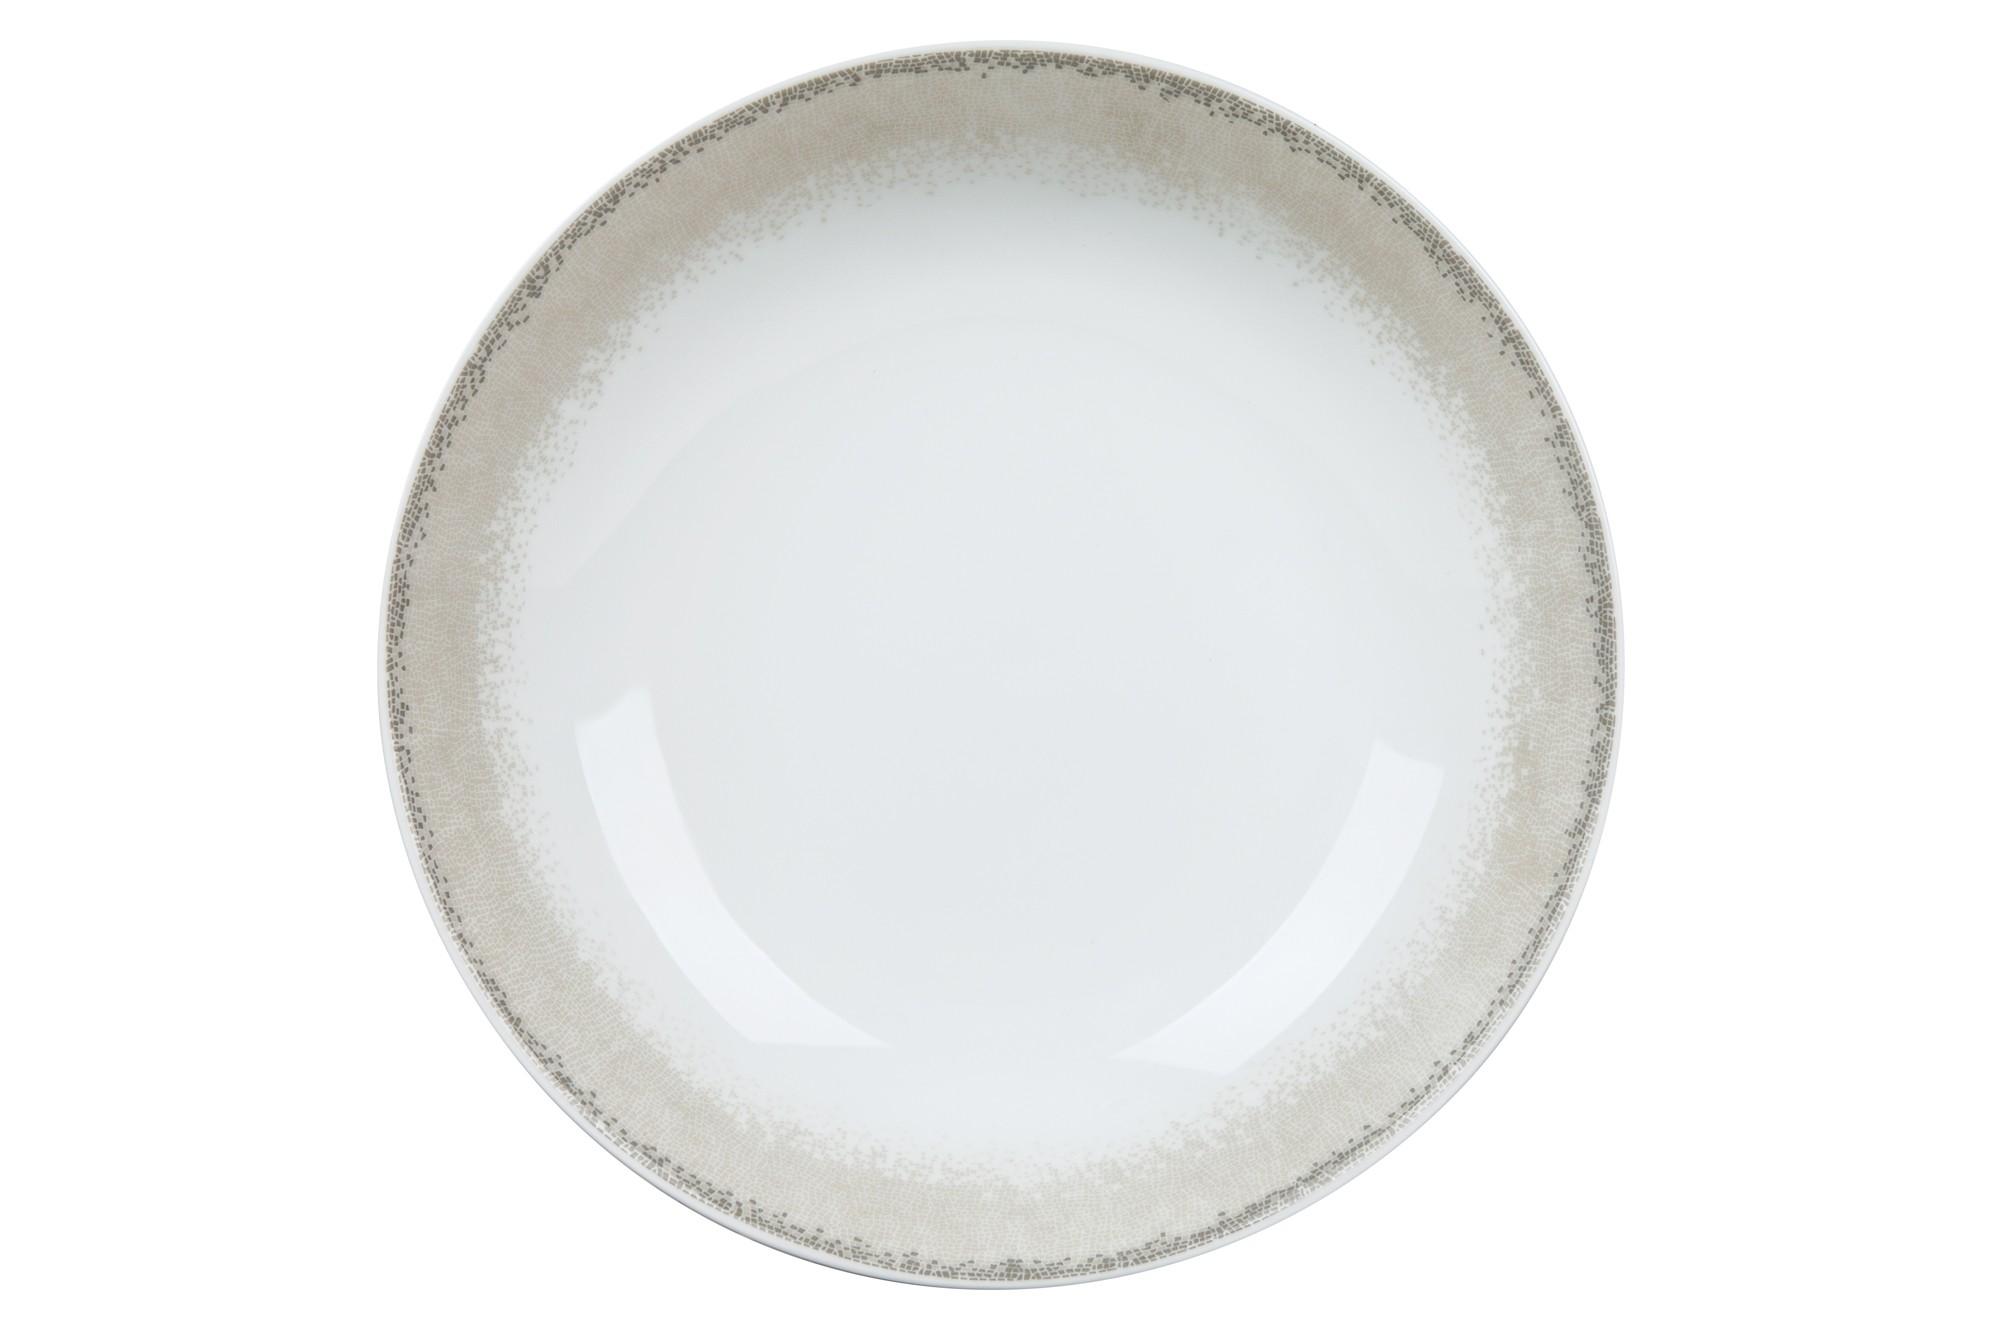 Πιάτο Βαθύ Σετ 6Τμχ Apeiron Beige 21.5cm Ionia home   ειδη σερβιρισματος   πιάτα